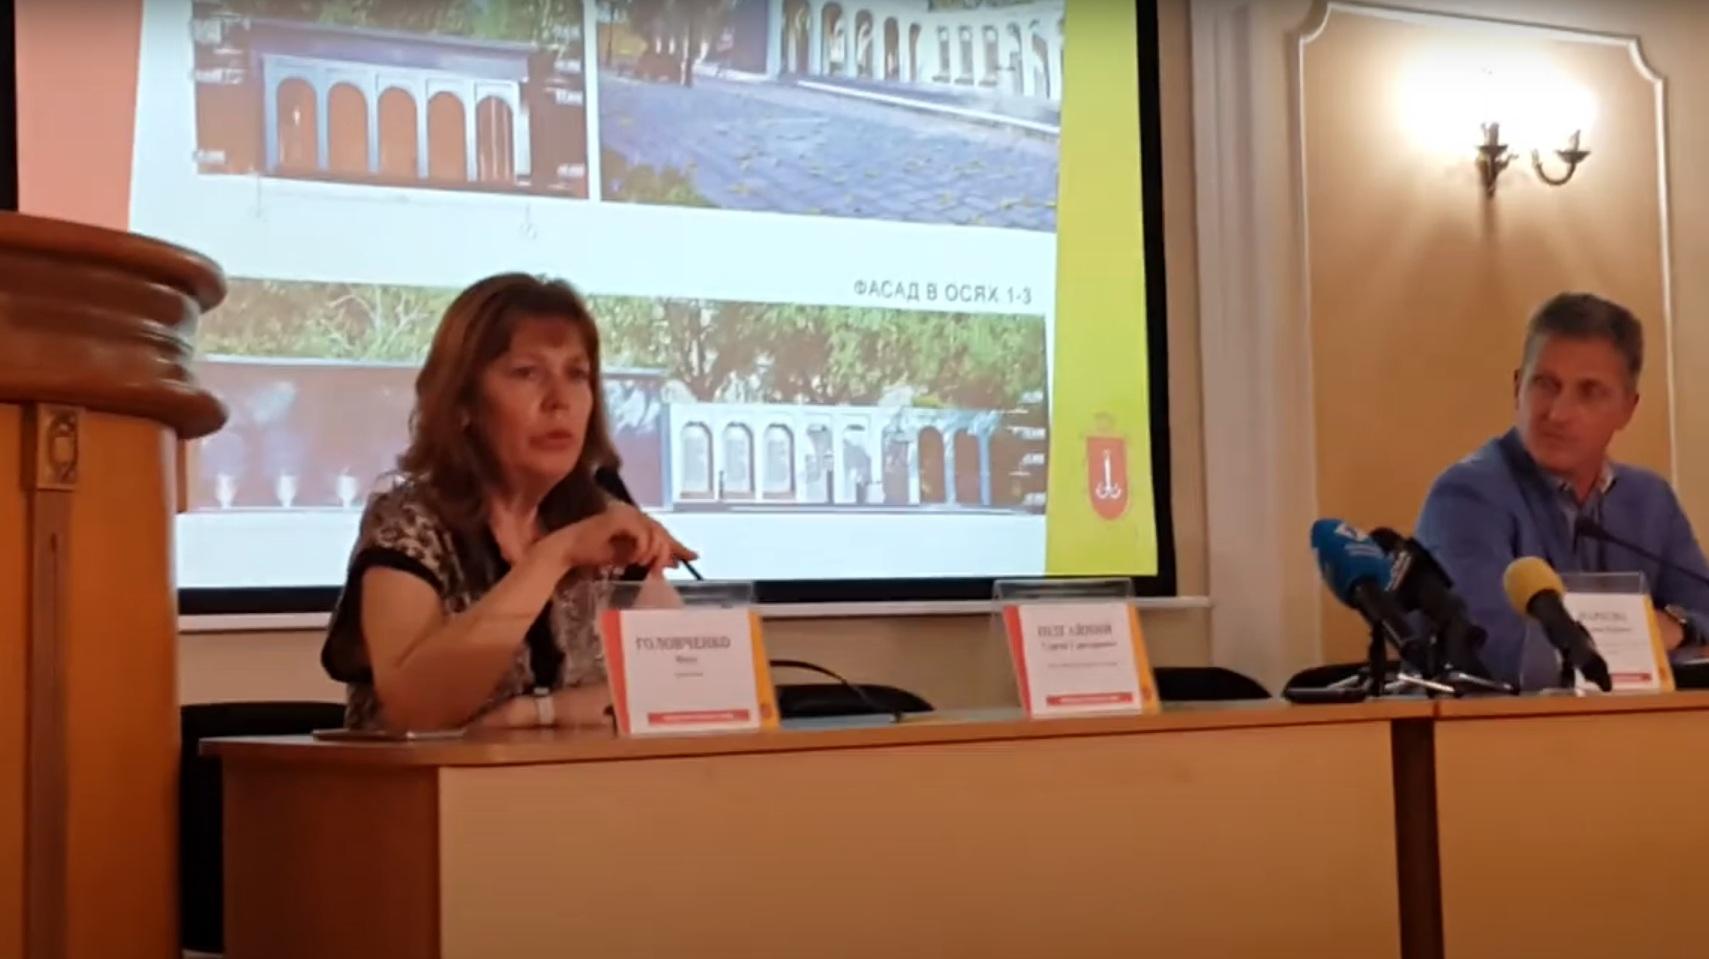 В Преображенском парке может появиться мемориальный музей, но общественность опасается застройки